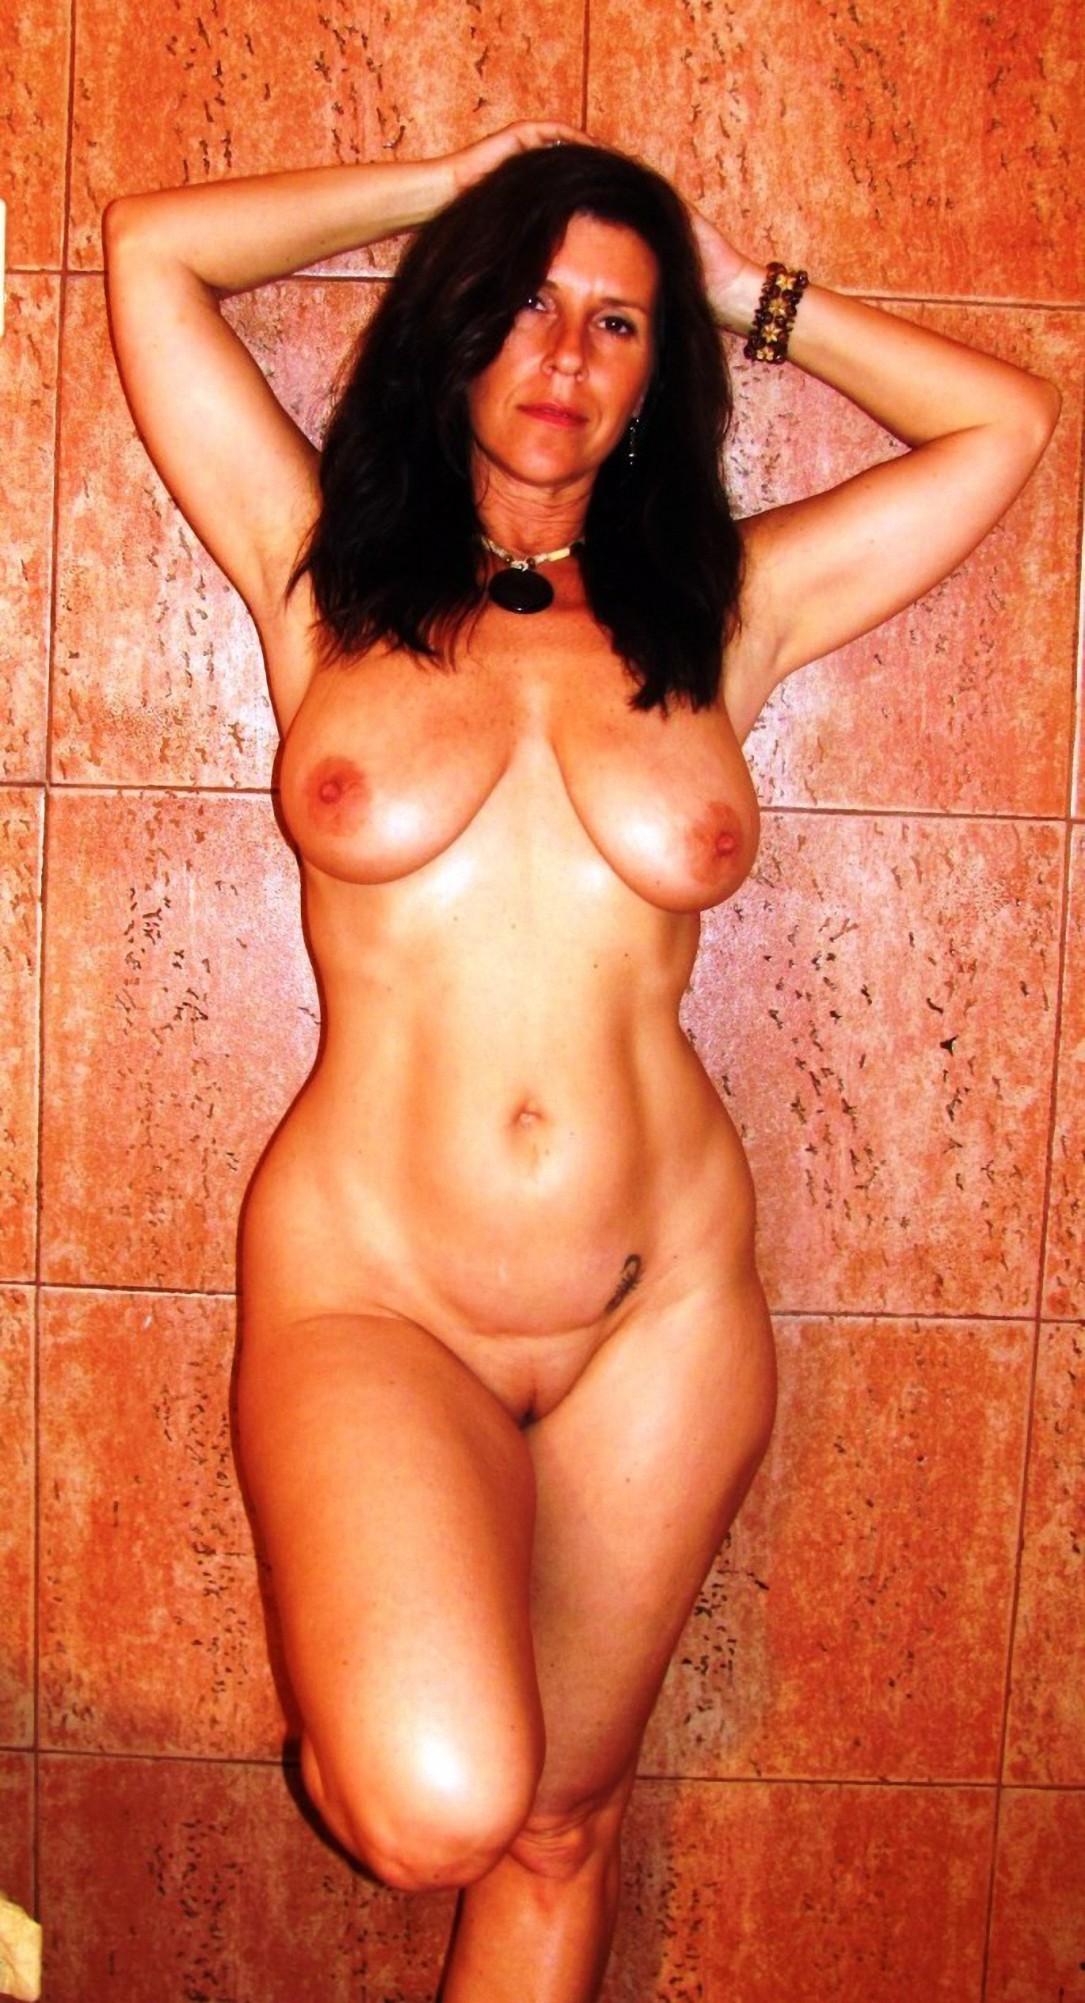 SEXO BELO  Videos Porno Sexo Quente Videos Sexo Gratis HD